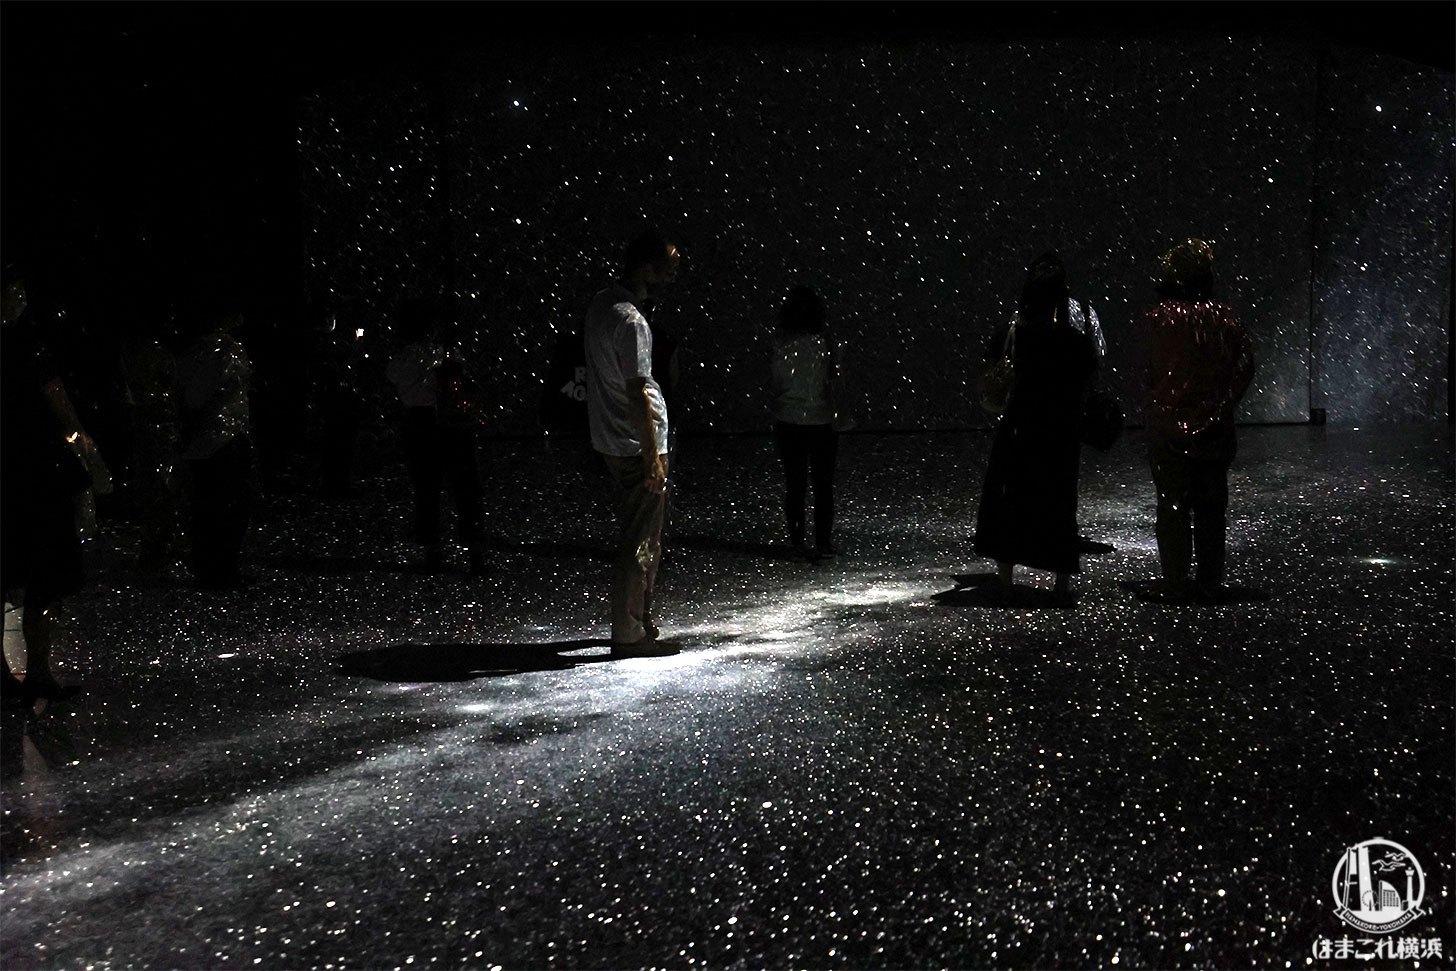 横浜赤レンガ倉庫「アートプラネタリウム」宇宙を歩く幻想的な新体験型イベントだった!